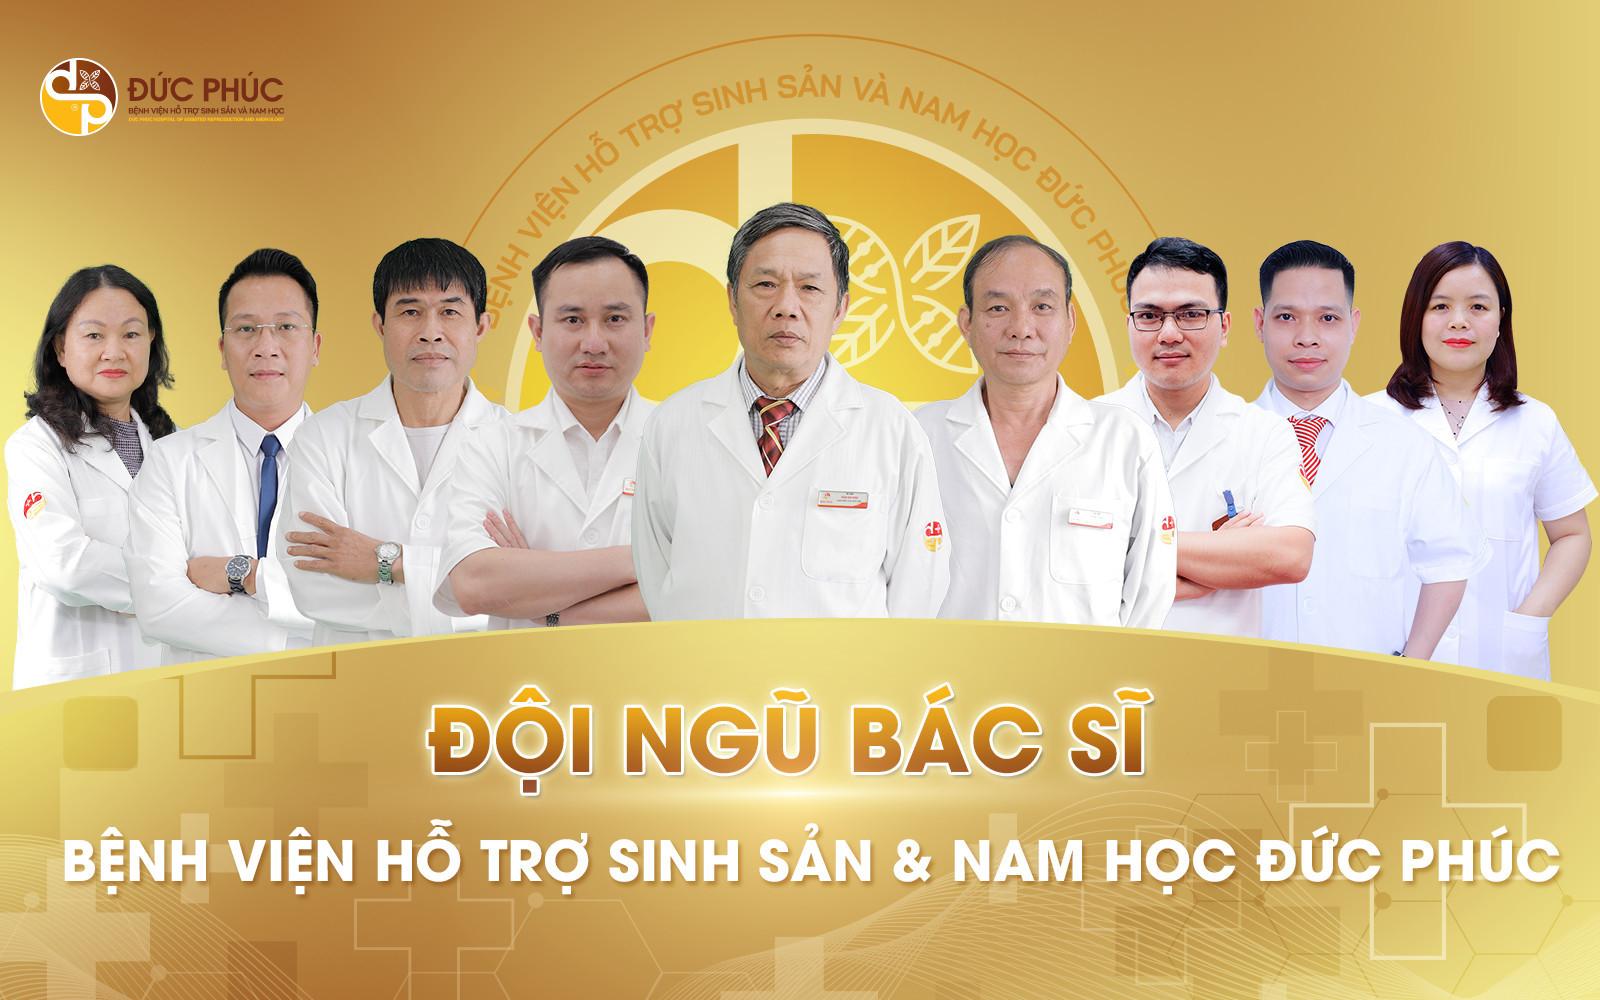 Đội ngũ bác sĩ đầu ngành tại Bệnh viện Đức Phúc